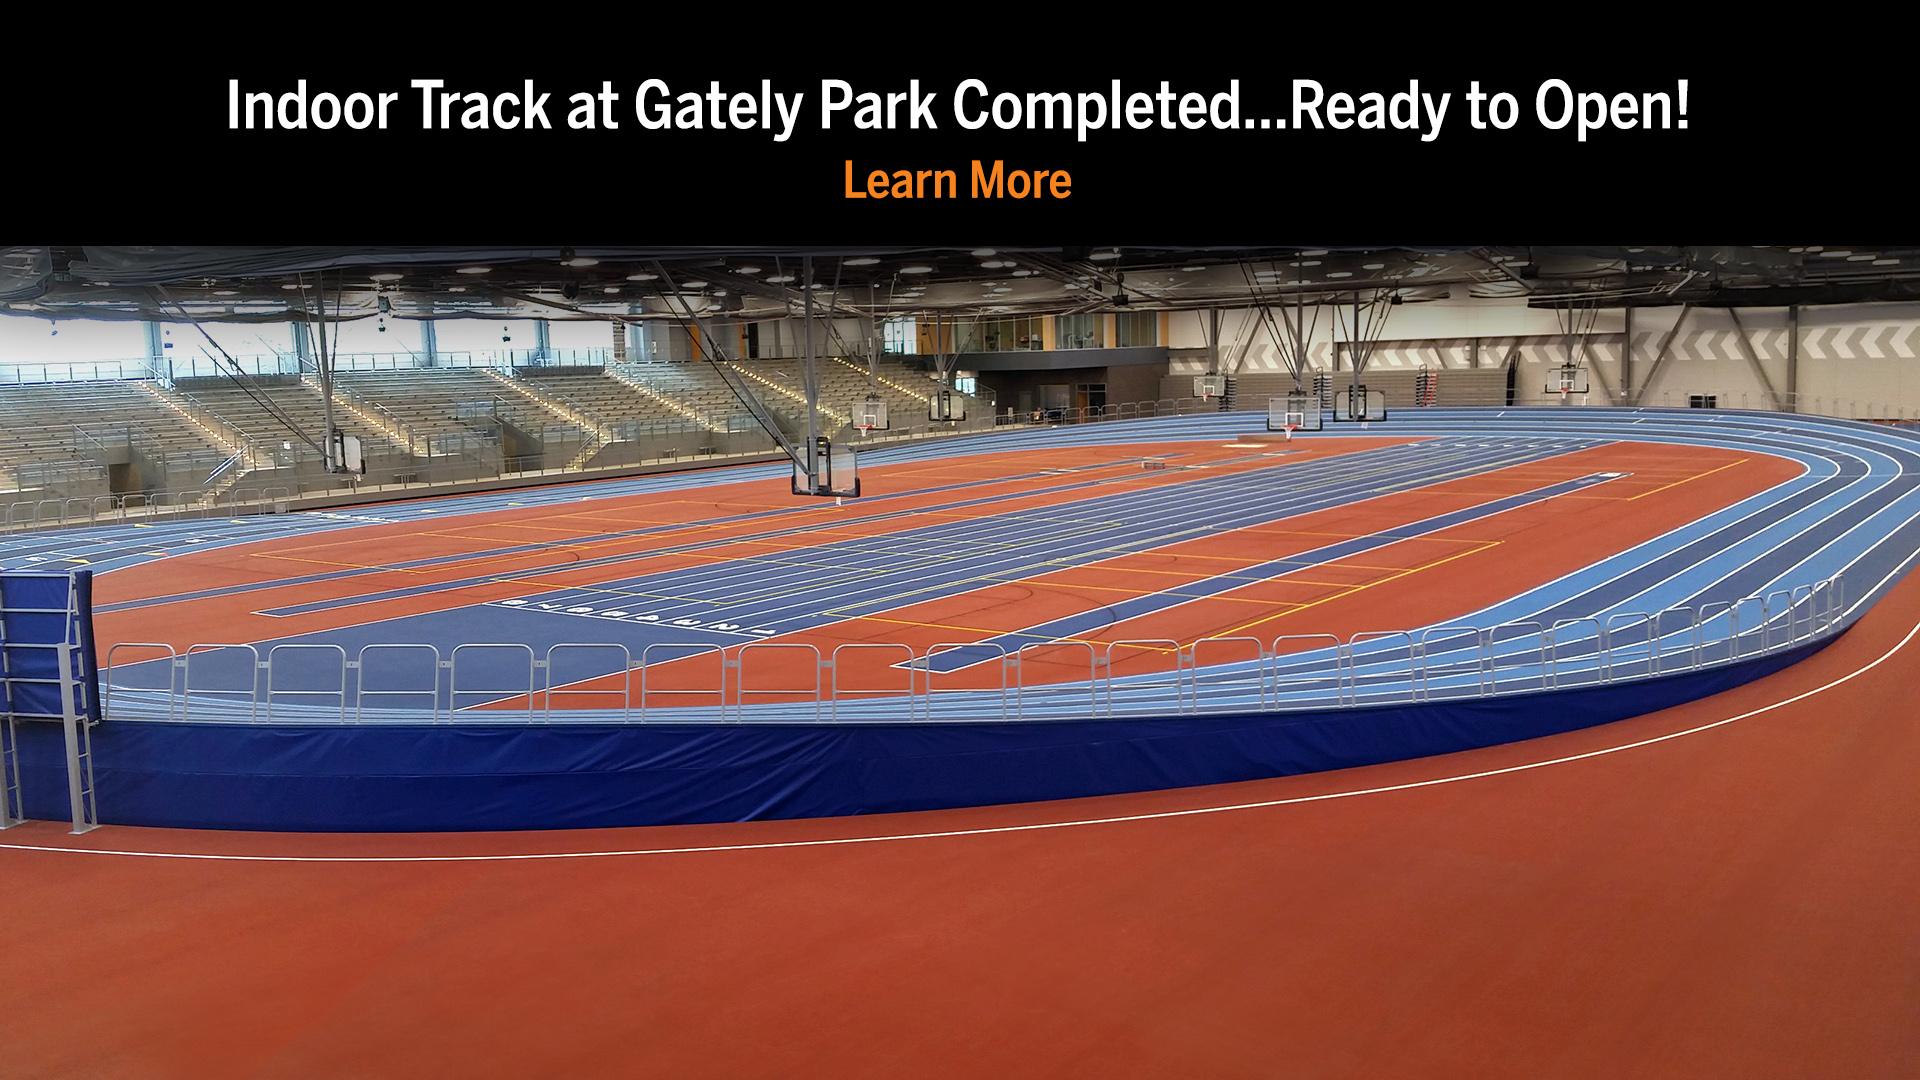 Gately Park Hydraulic Track